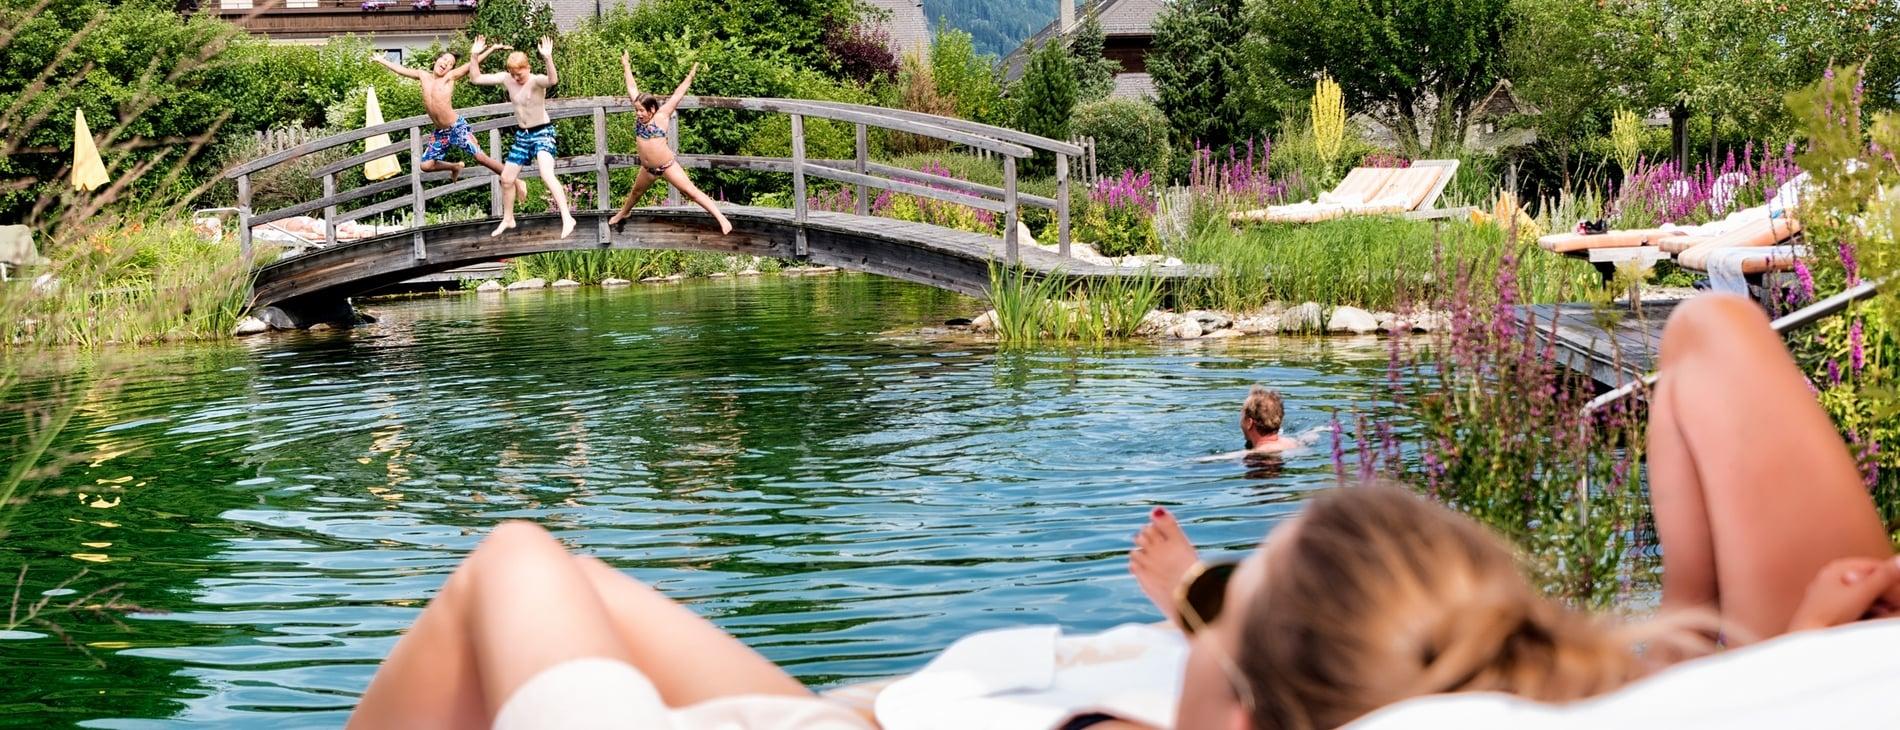 Familienhotel in Österreich